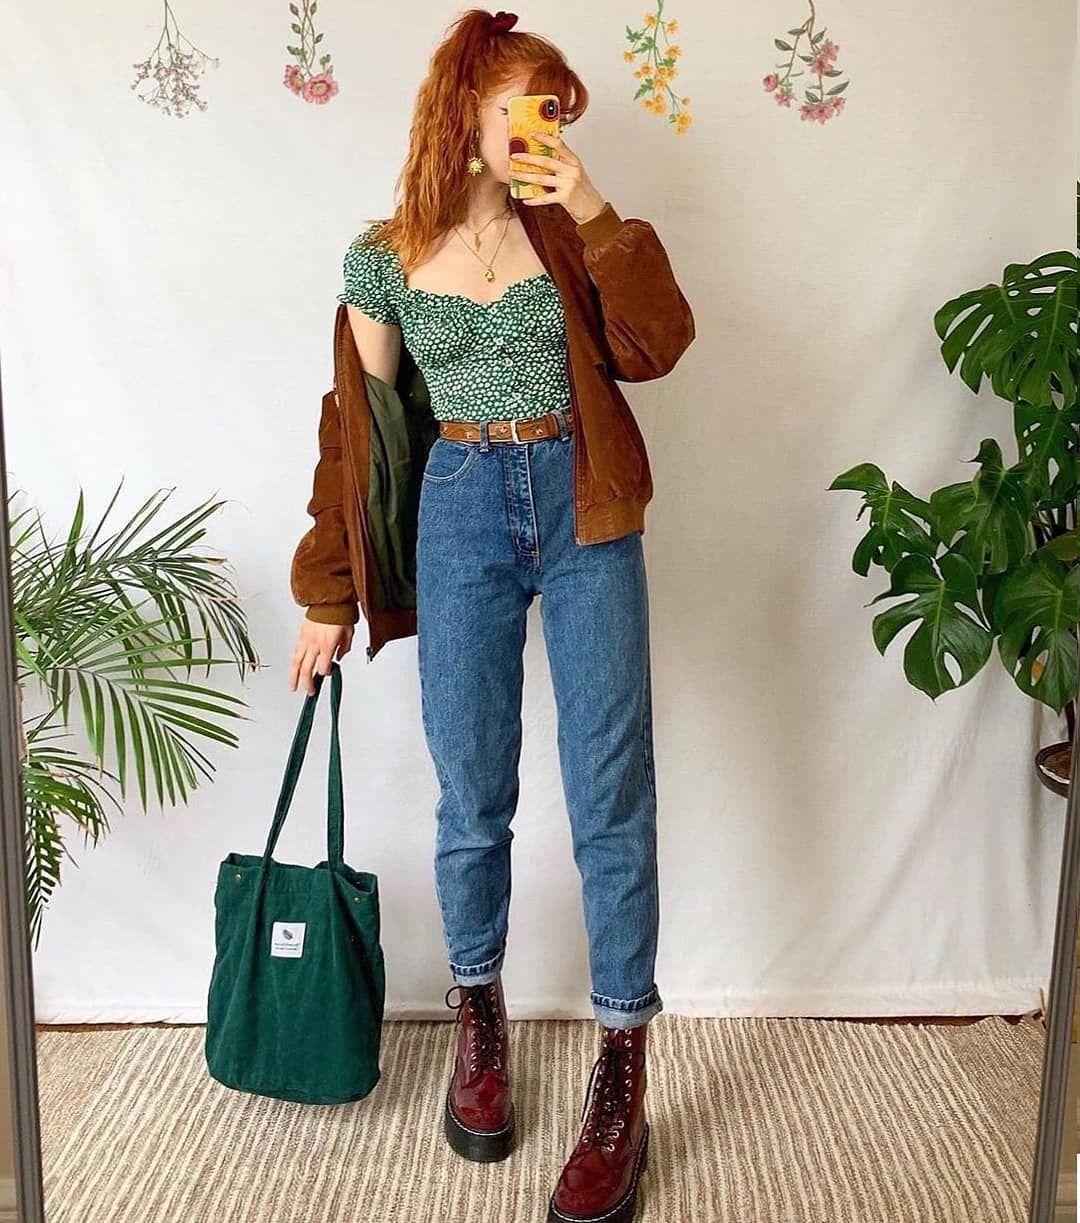 Aesthetic Grunge Vintage On Instagram Favorite Outfit 1 2 Or 3 Vintage Outfits Fashion Inspo Outfits Fashion